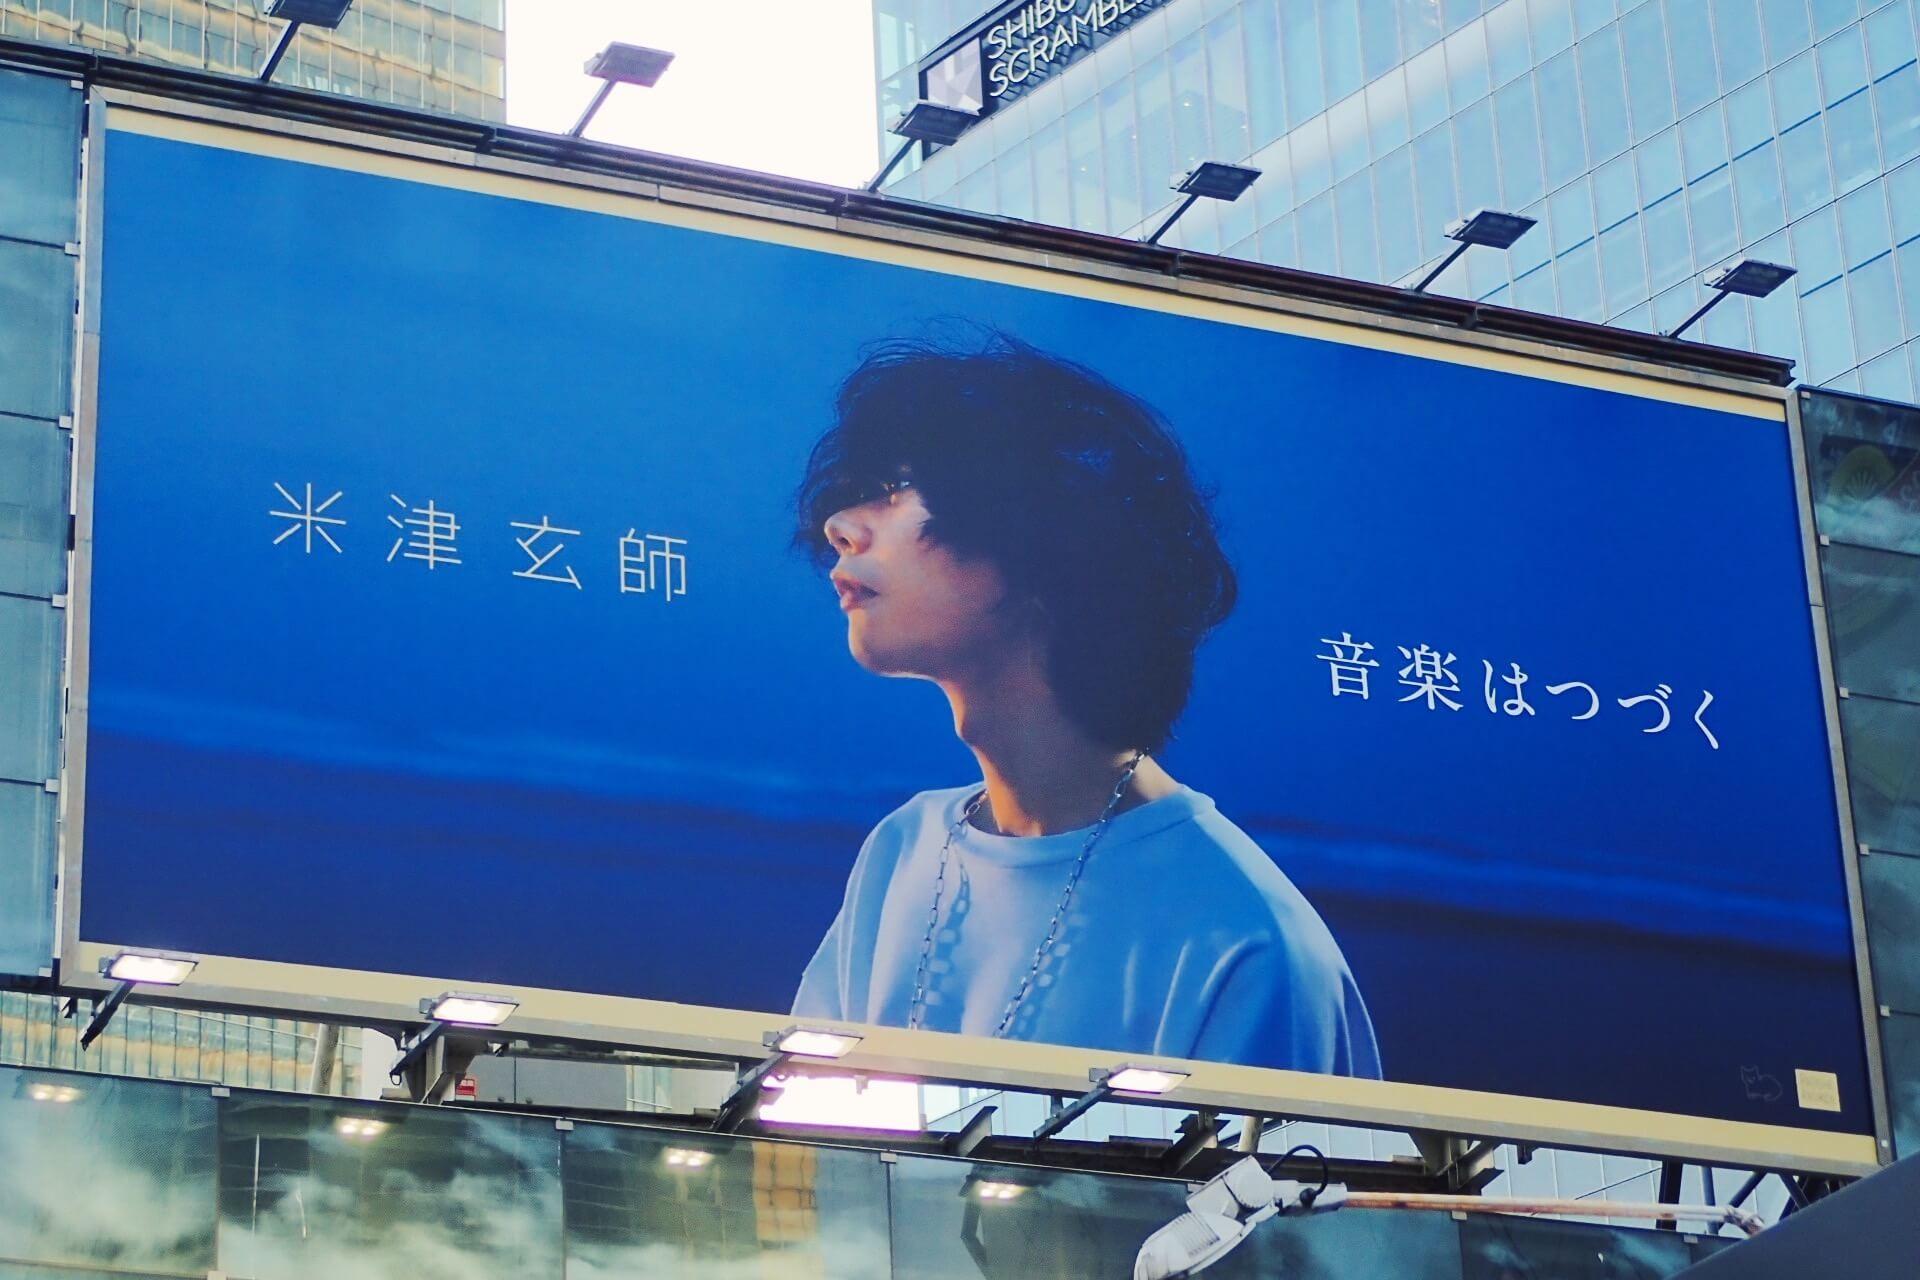 米津玄師「Lemon」日本人アーティスト史上最高再生数!ミュージックビデオがYouTubeで再生回数5億回突破 music191217_yonezukenshi_lemon_3